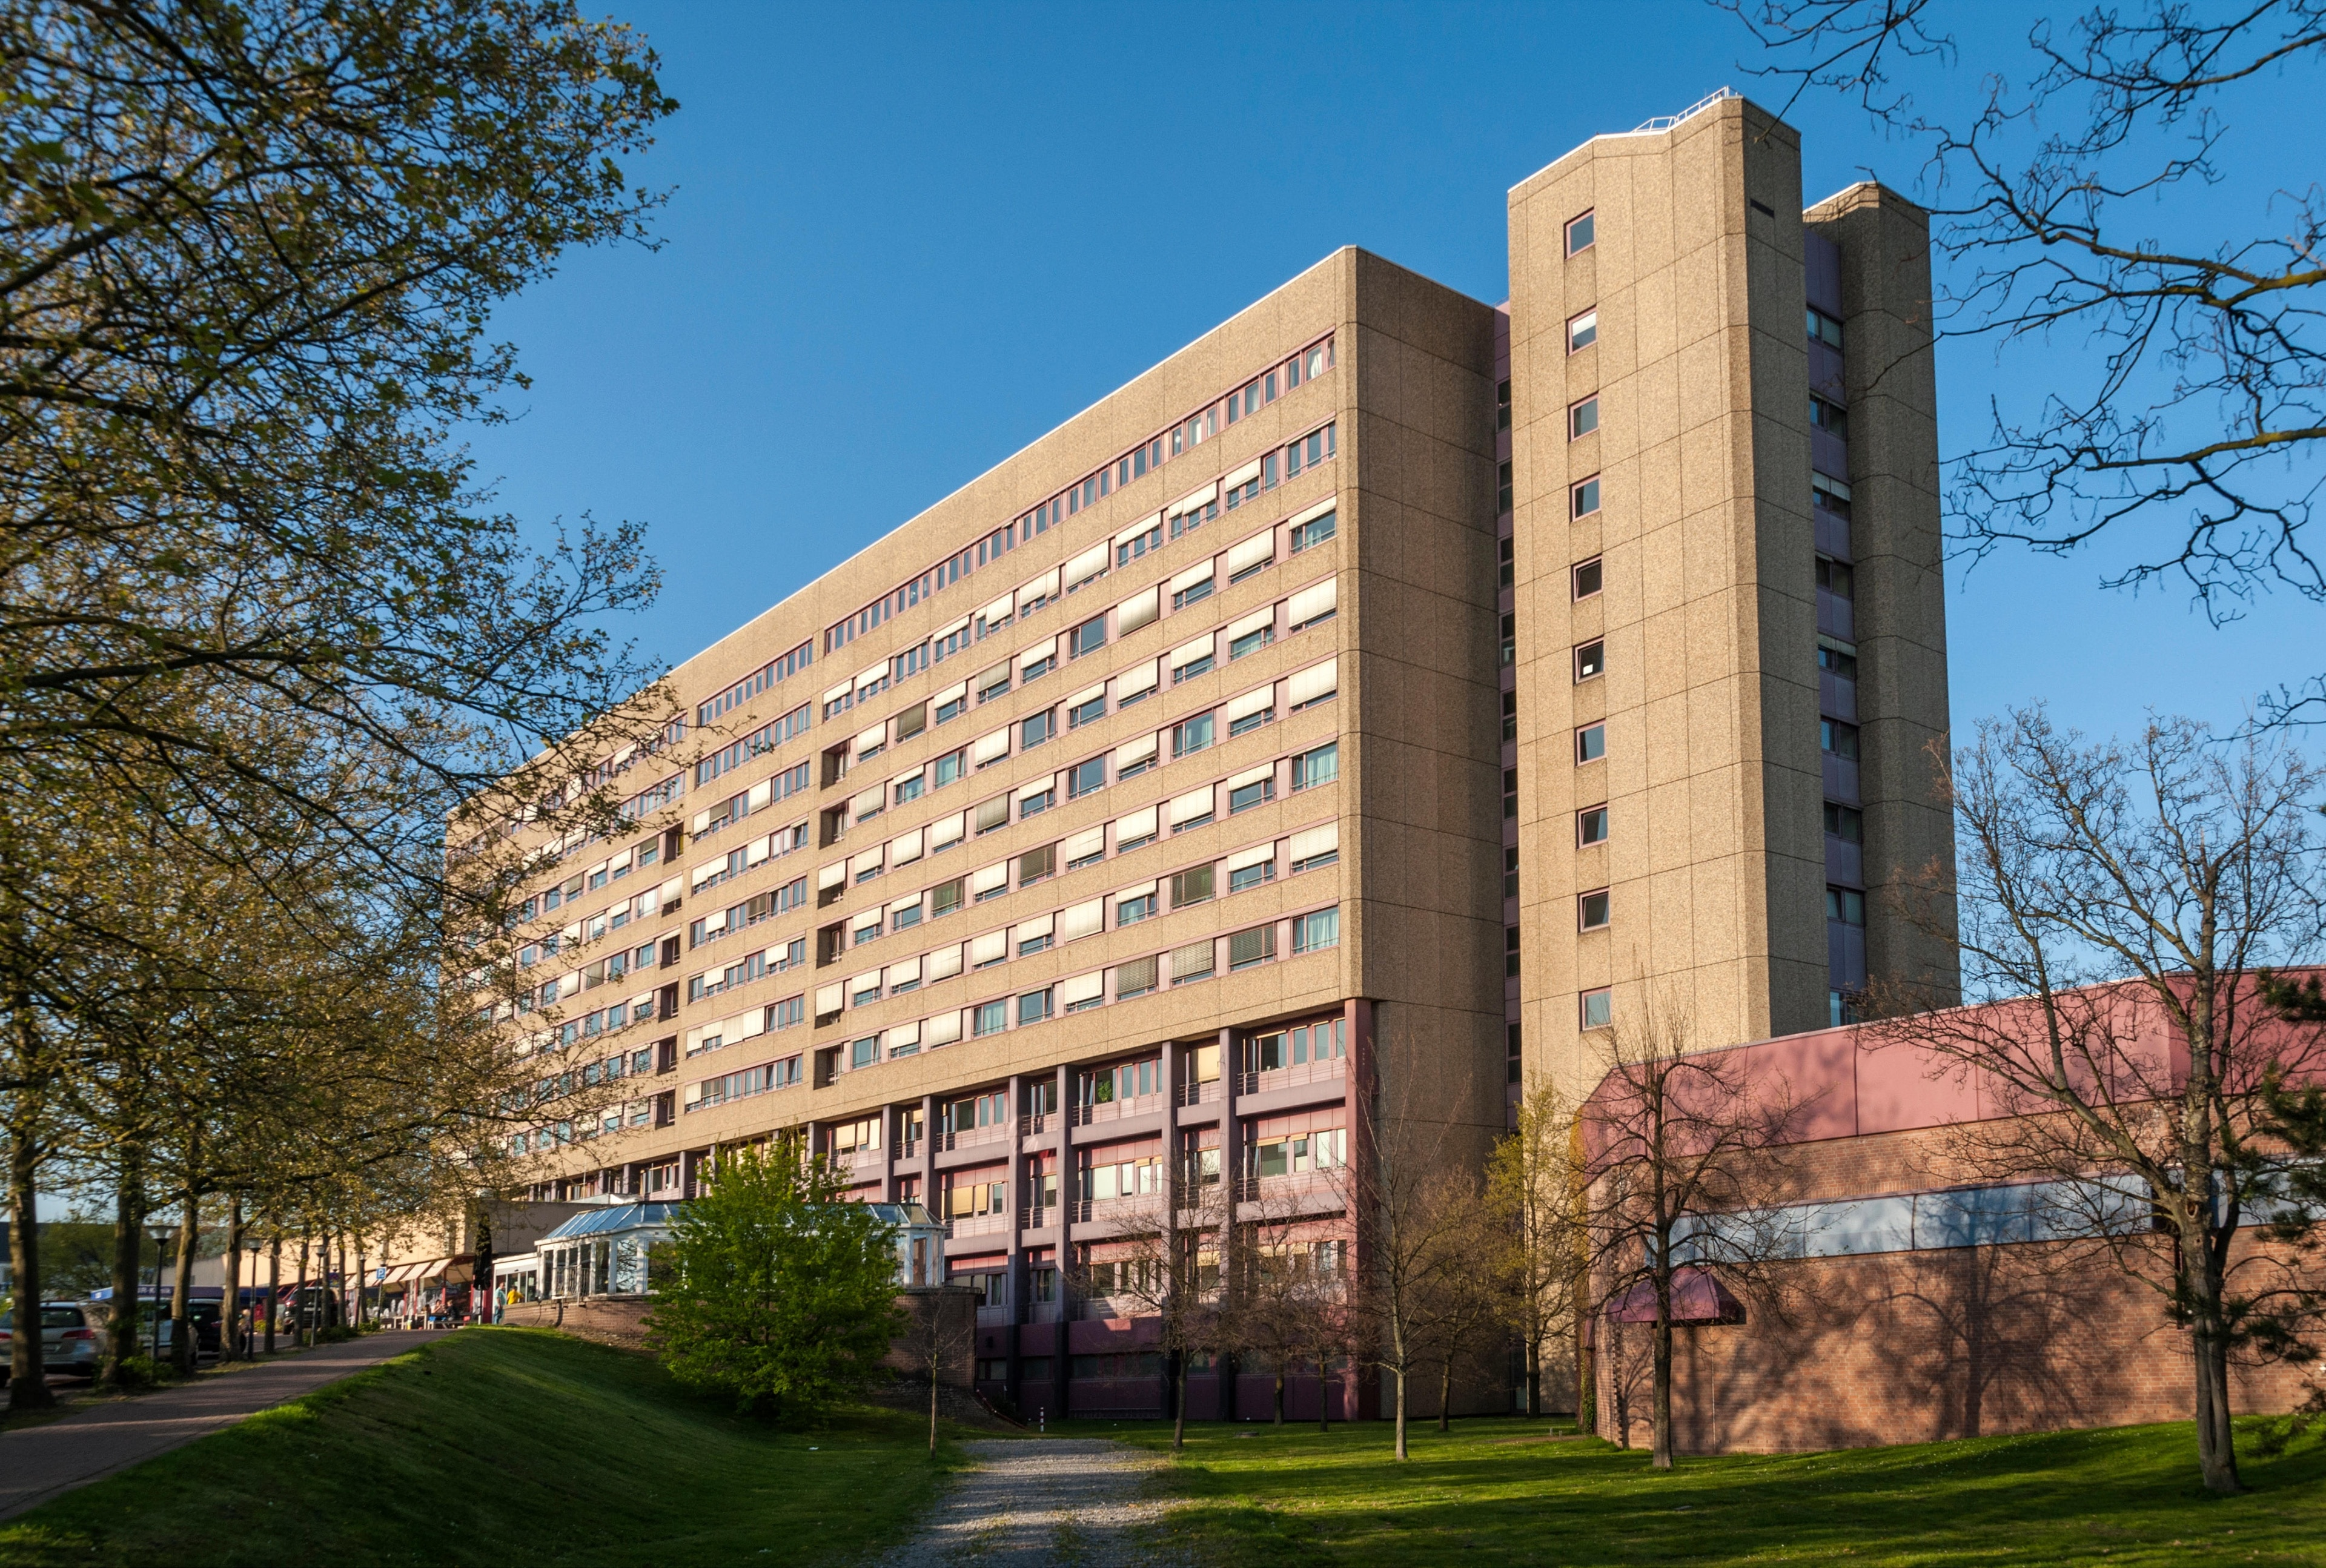 Imprégnez-vous de l'ambiance estudiantine à Université de Düsseldorf durant votre séjour à Düsseldorf. Lors de votre passage dans la région, réservez un peu de temps dans votre agenda afin de découvrir ses boutiques.